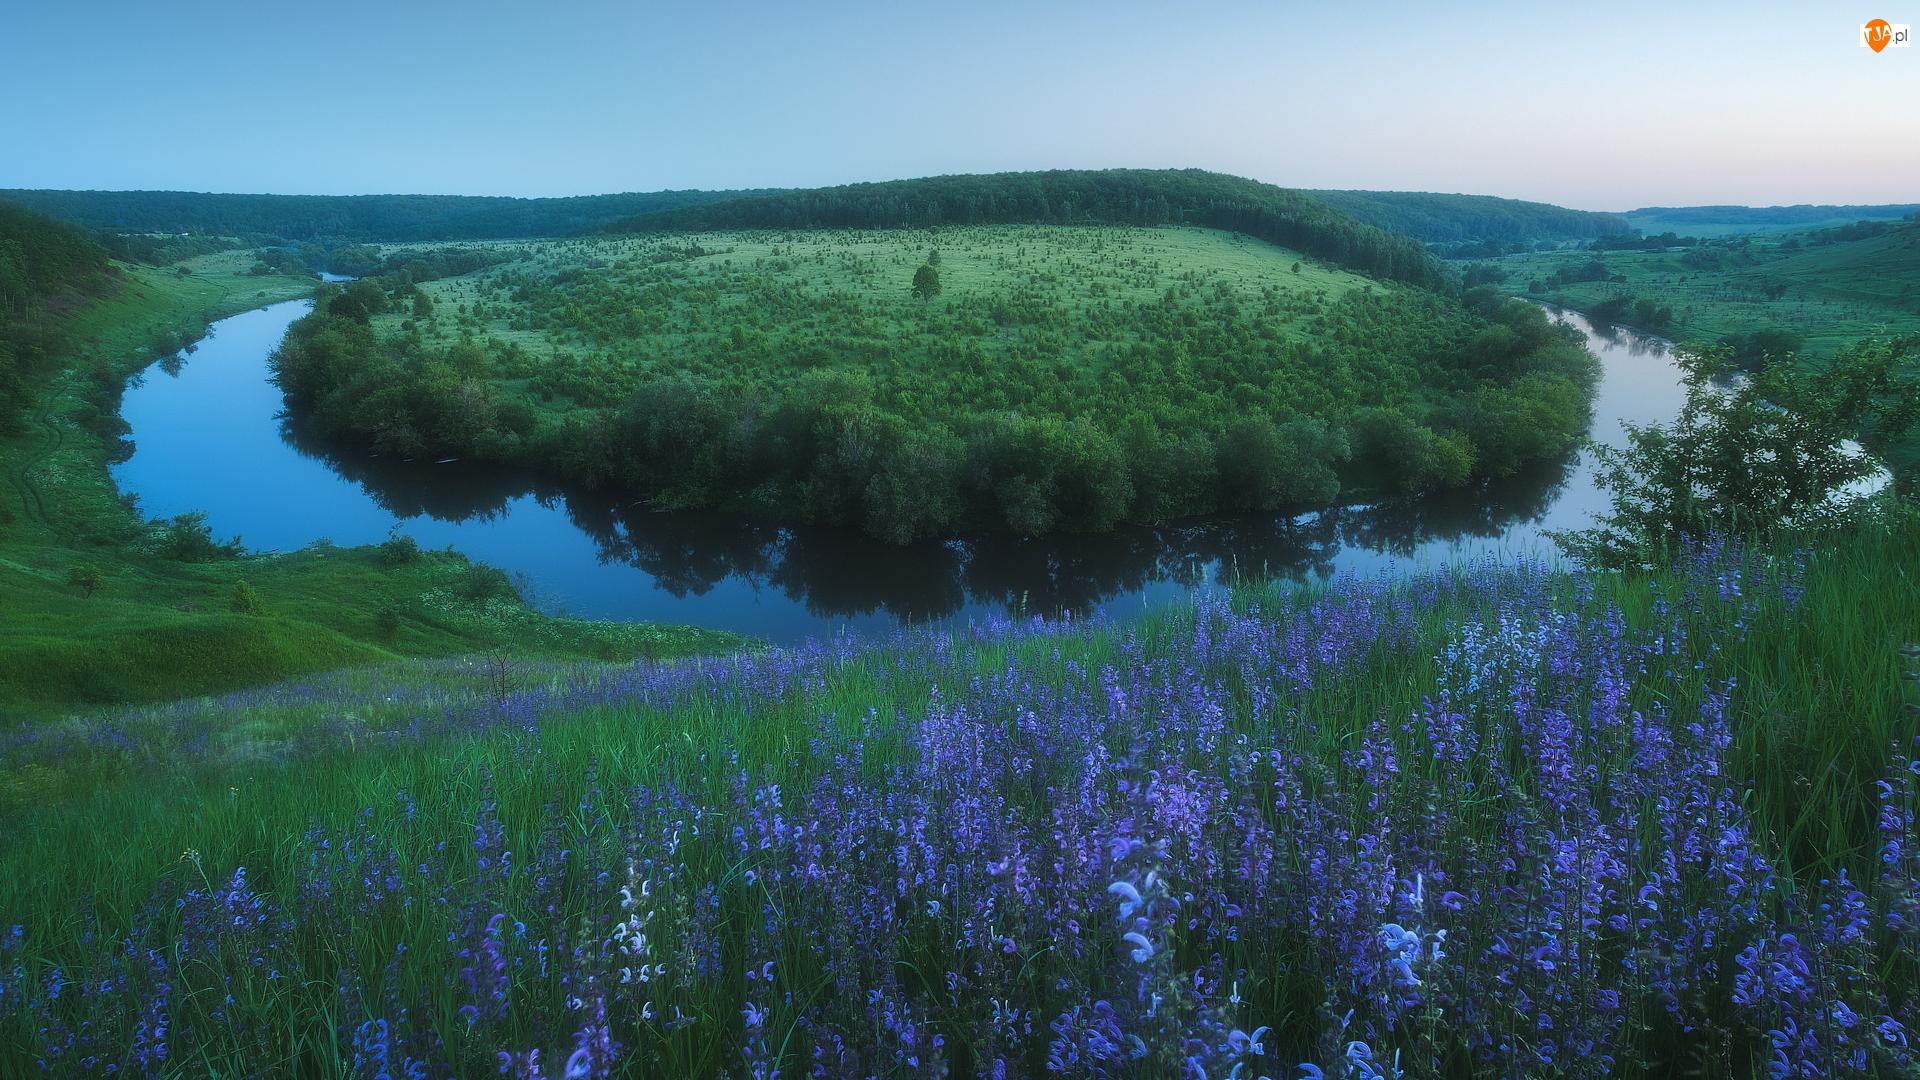 Kwiaty, Rzeka, Łąka, Obwód tulski, Krasivaya Mecha, Fioletowe, Rosja, Meander